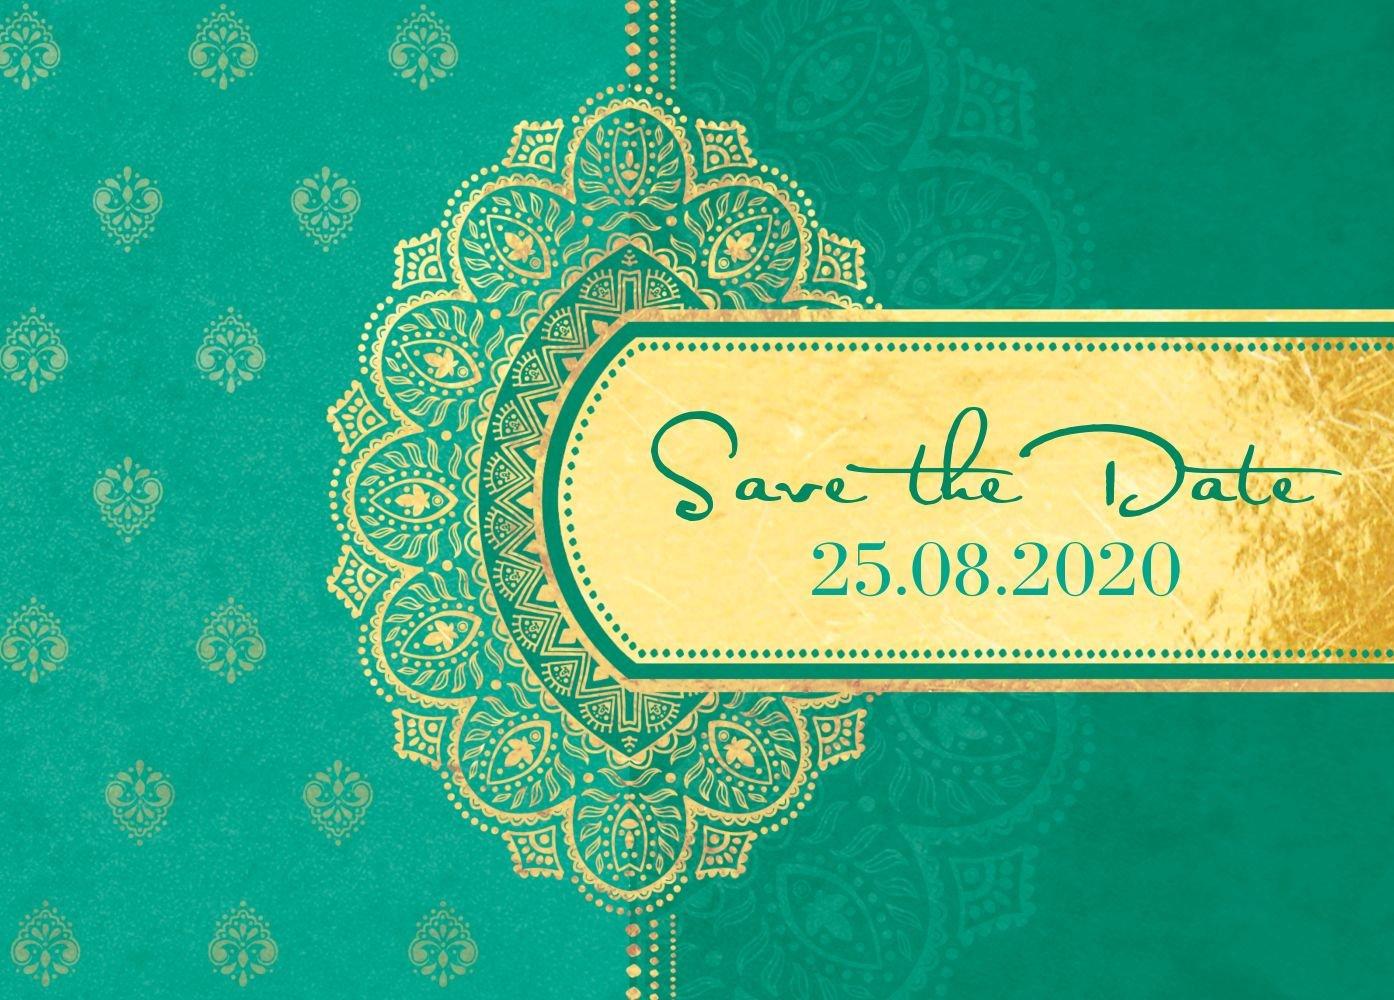 Save-the-Date Mumbai, 30 Karten, Karten, Karten, DunkelMattRot B07B6N3JBW   Meistverkaufte weltweit    Günstigen Preis    München  89b864